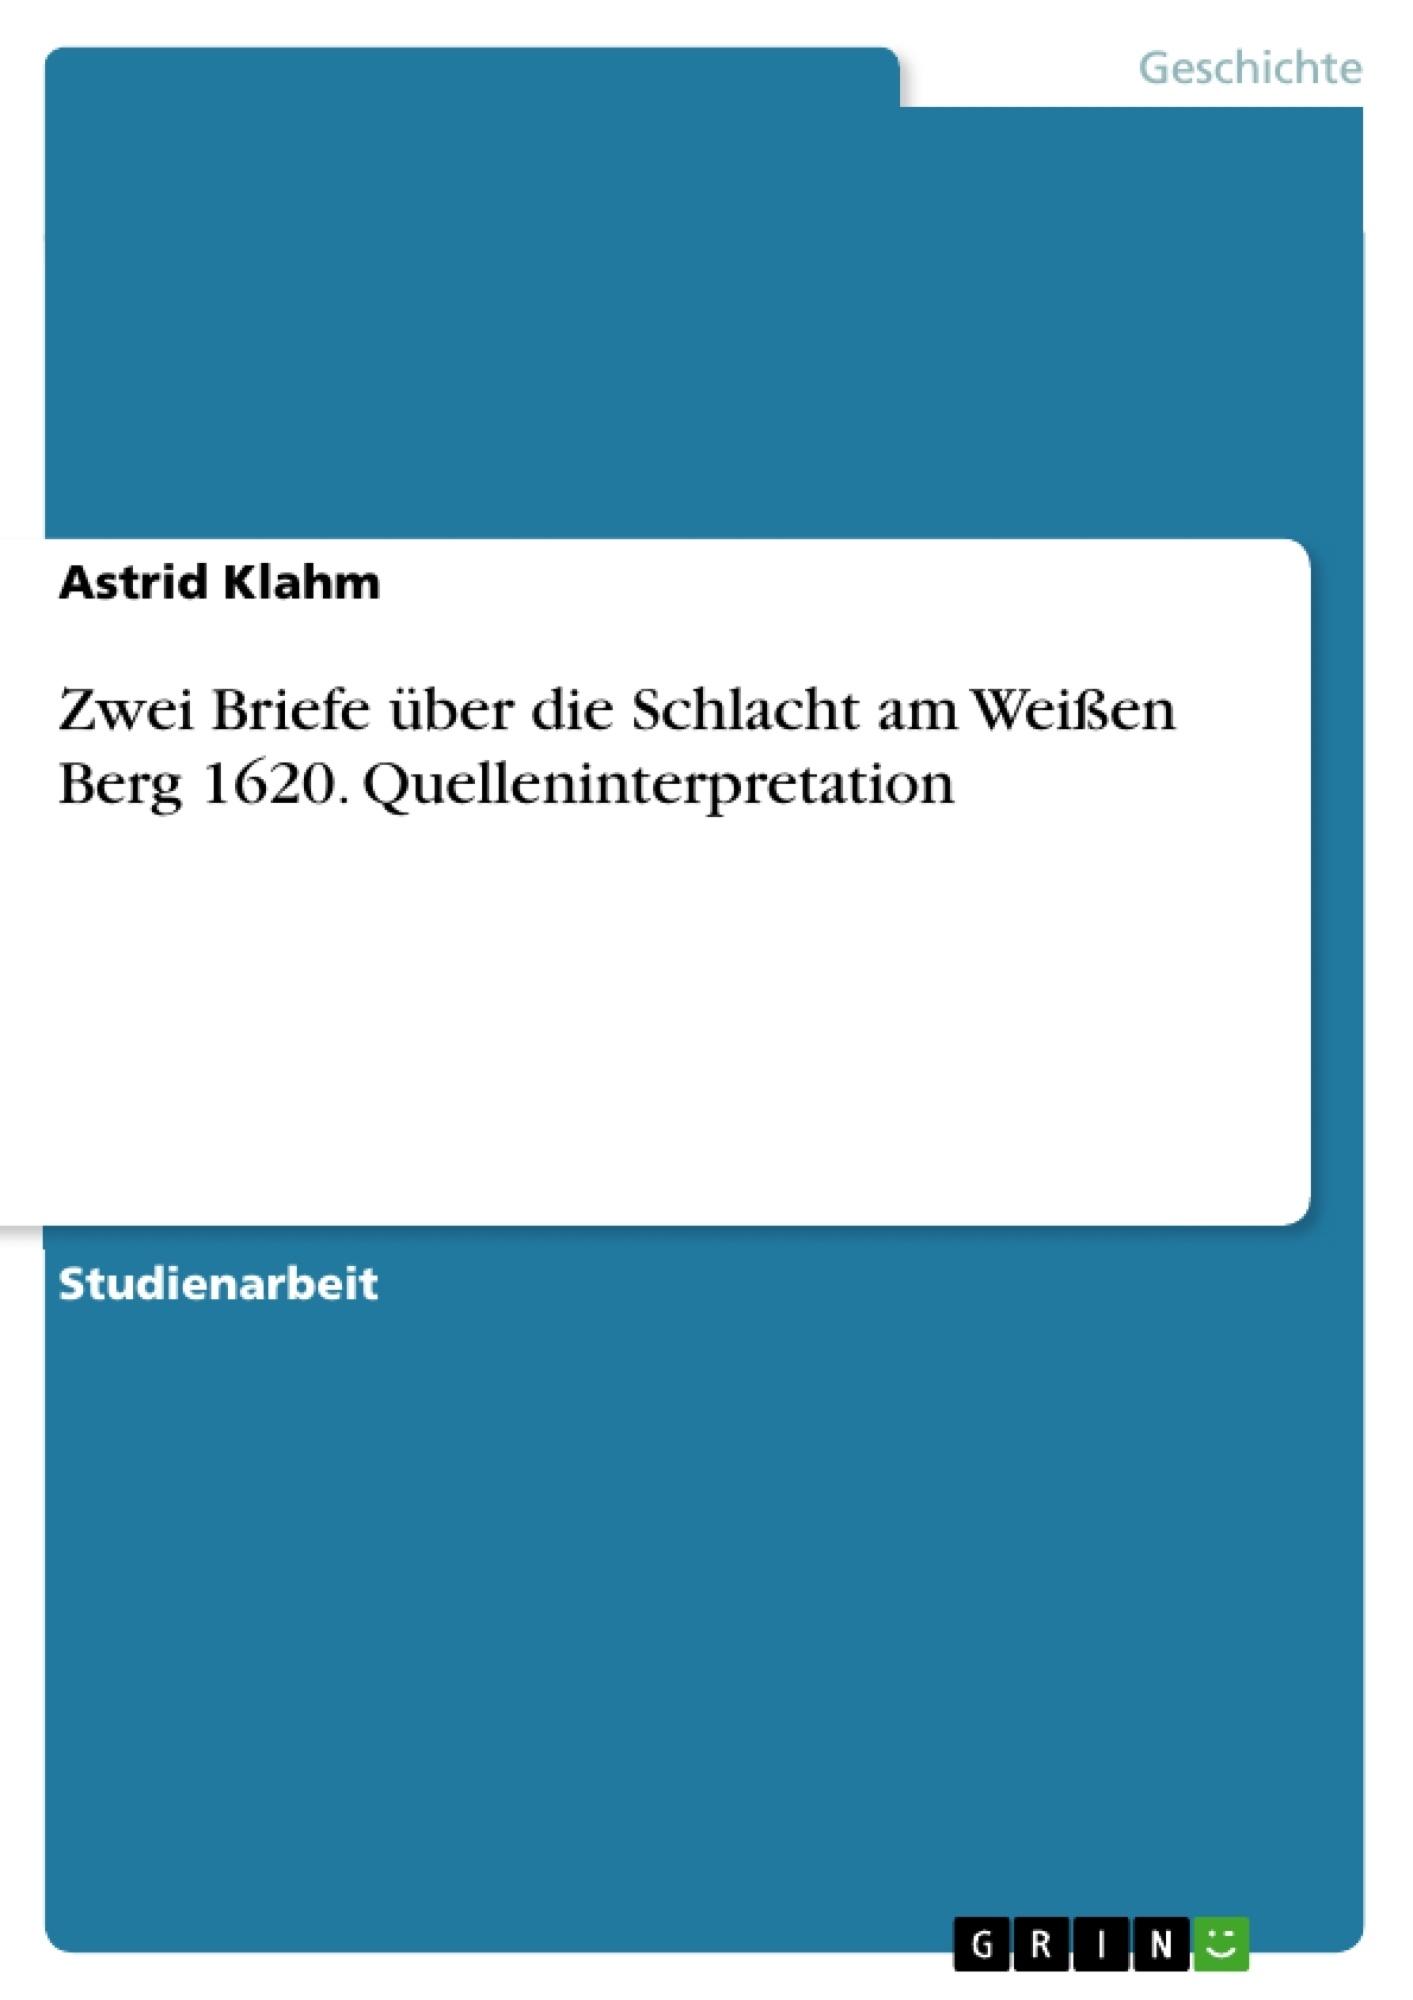 Titel: Zwei Briefe über die Schlacht am Weißen Berg 1620. Quelleninterpretation